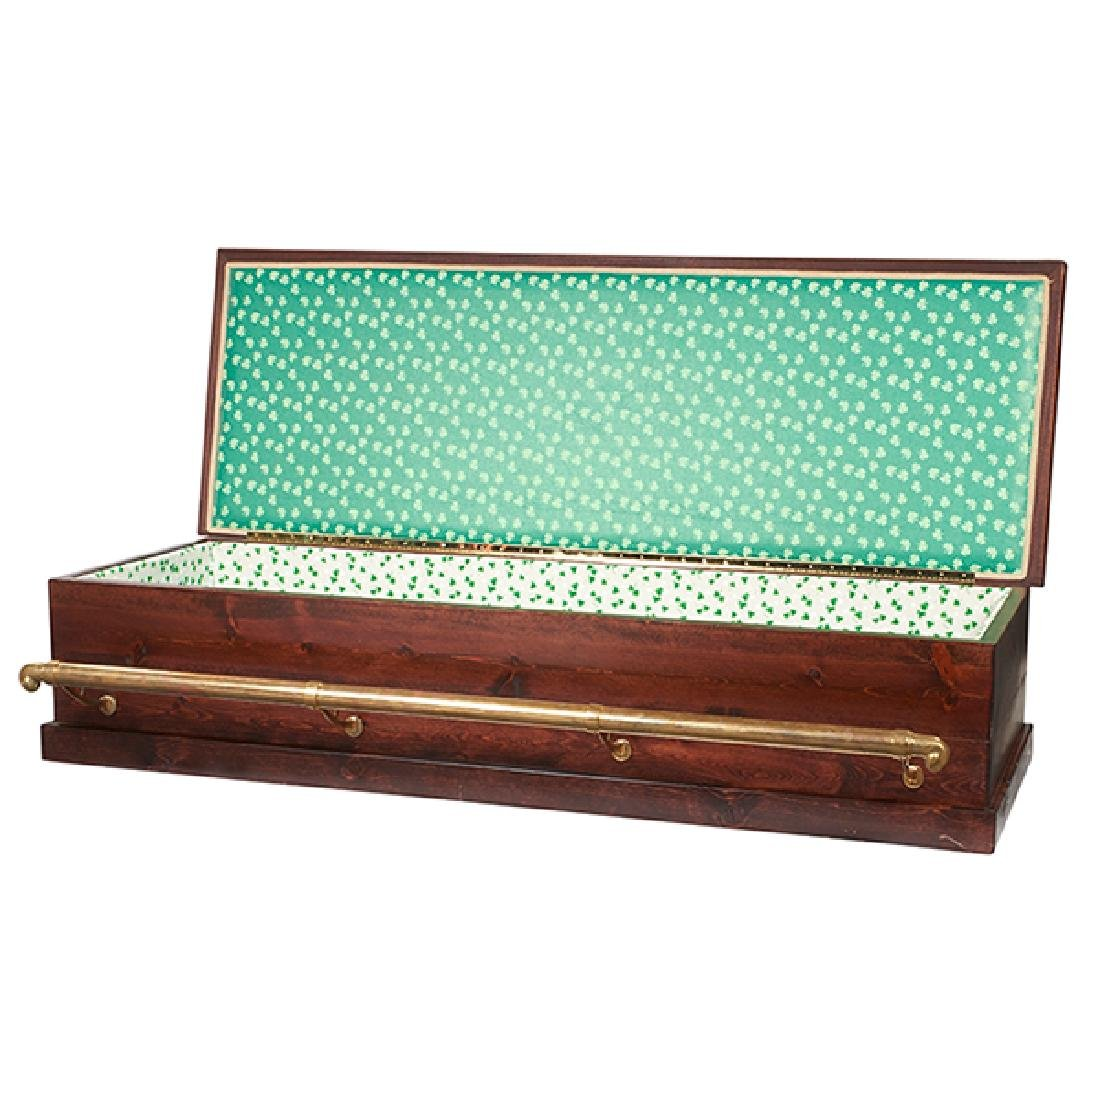 Custom Made, bar-form casket, mahogany, pine, brass,